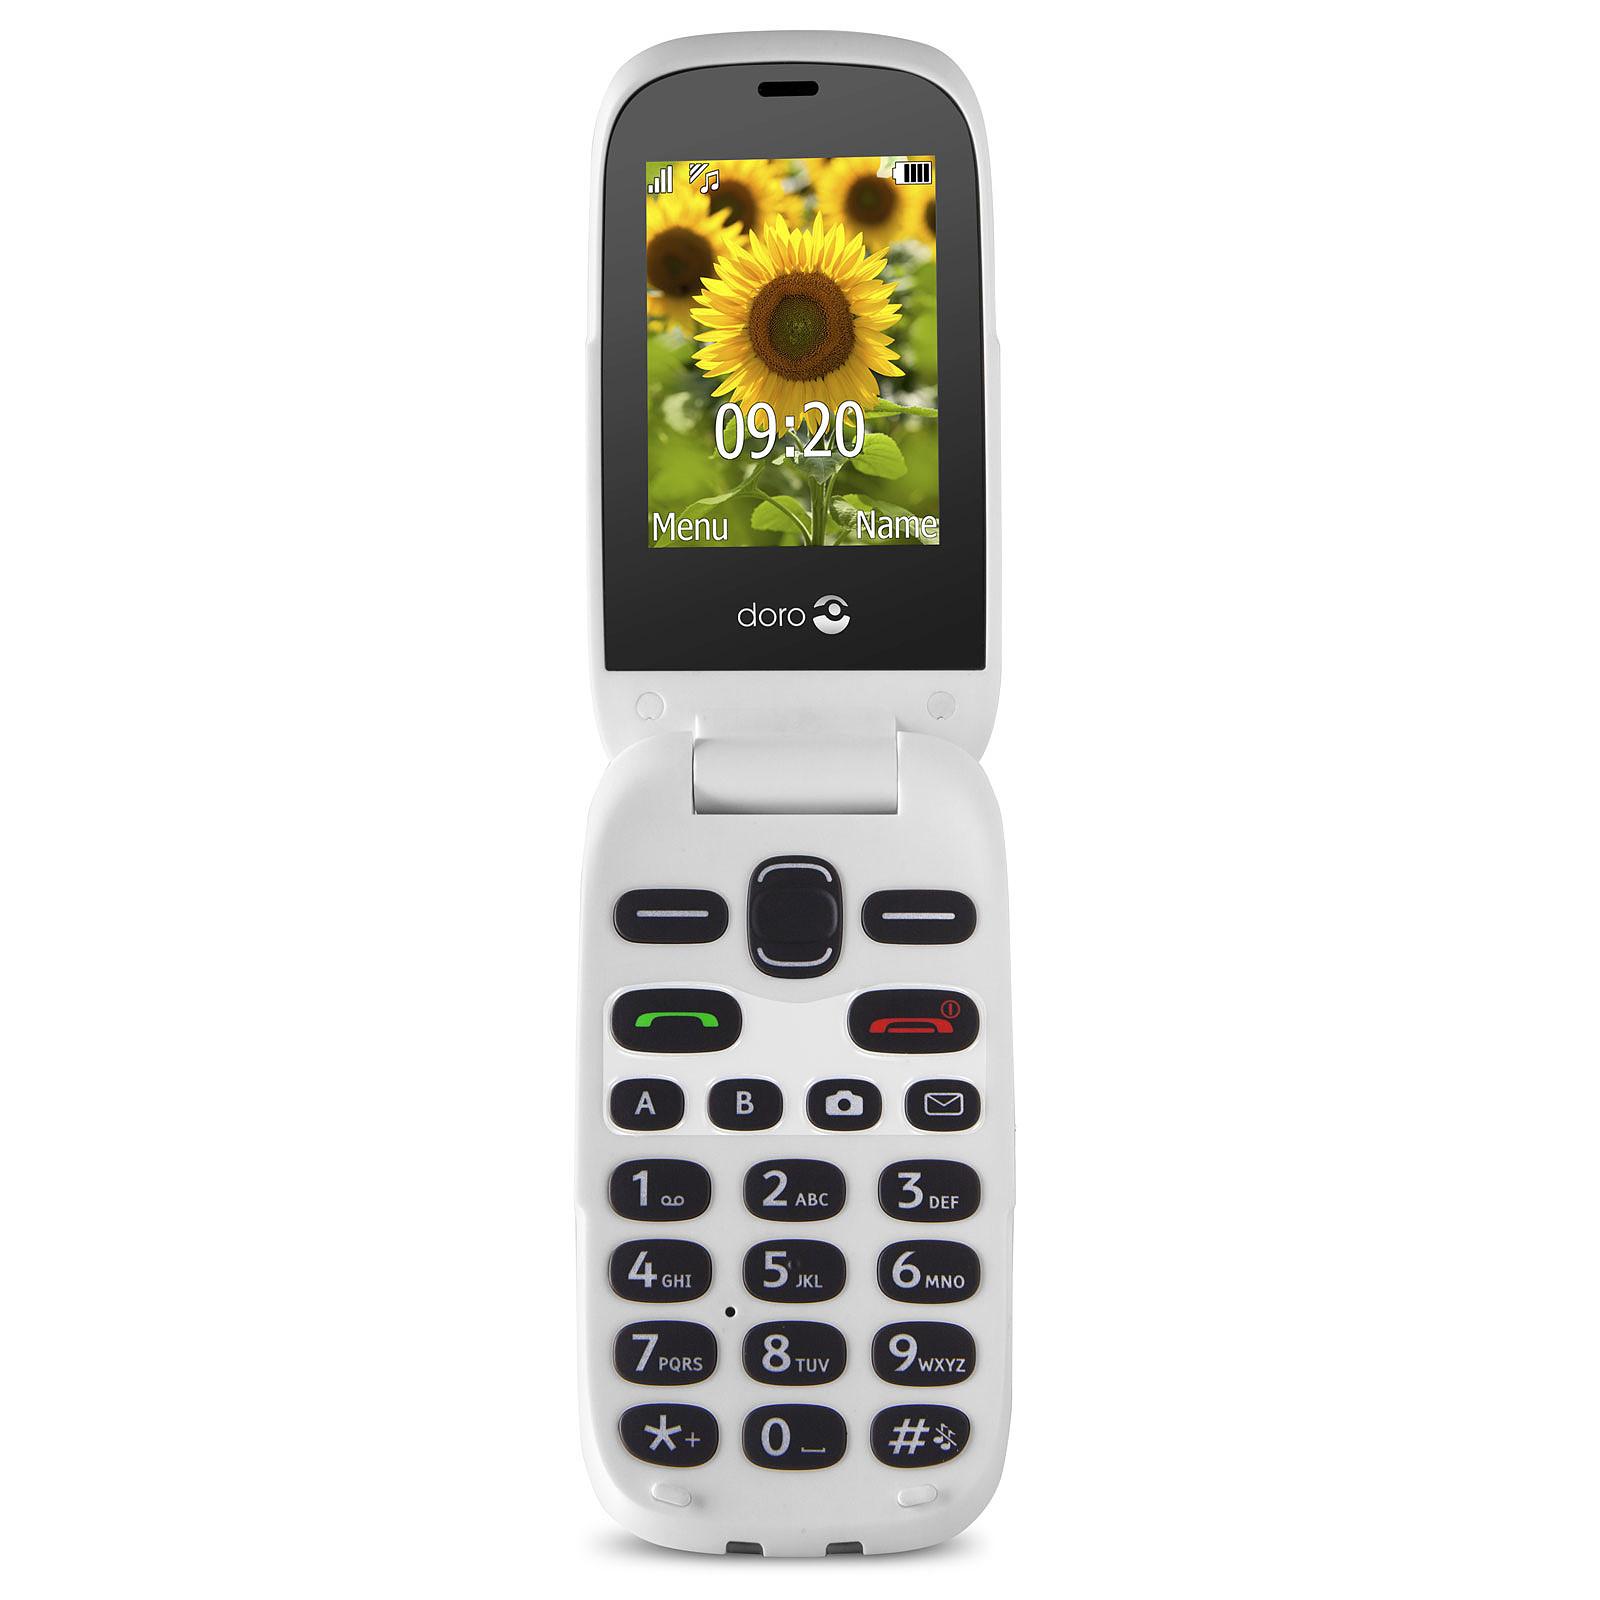 Doro 6030 Graphite/Blanc